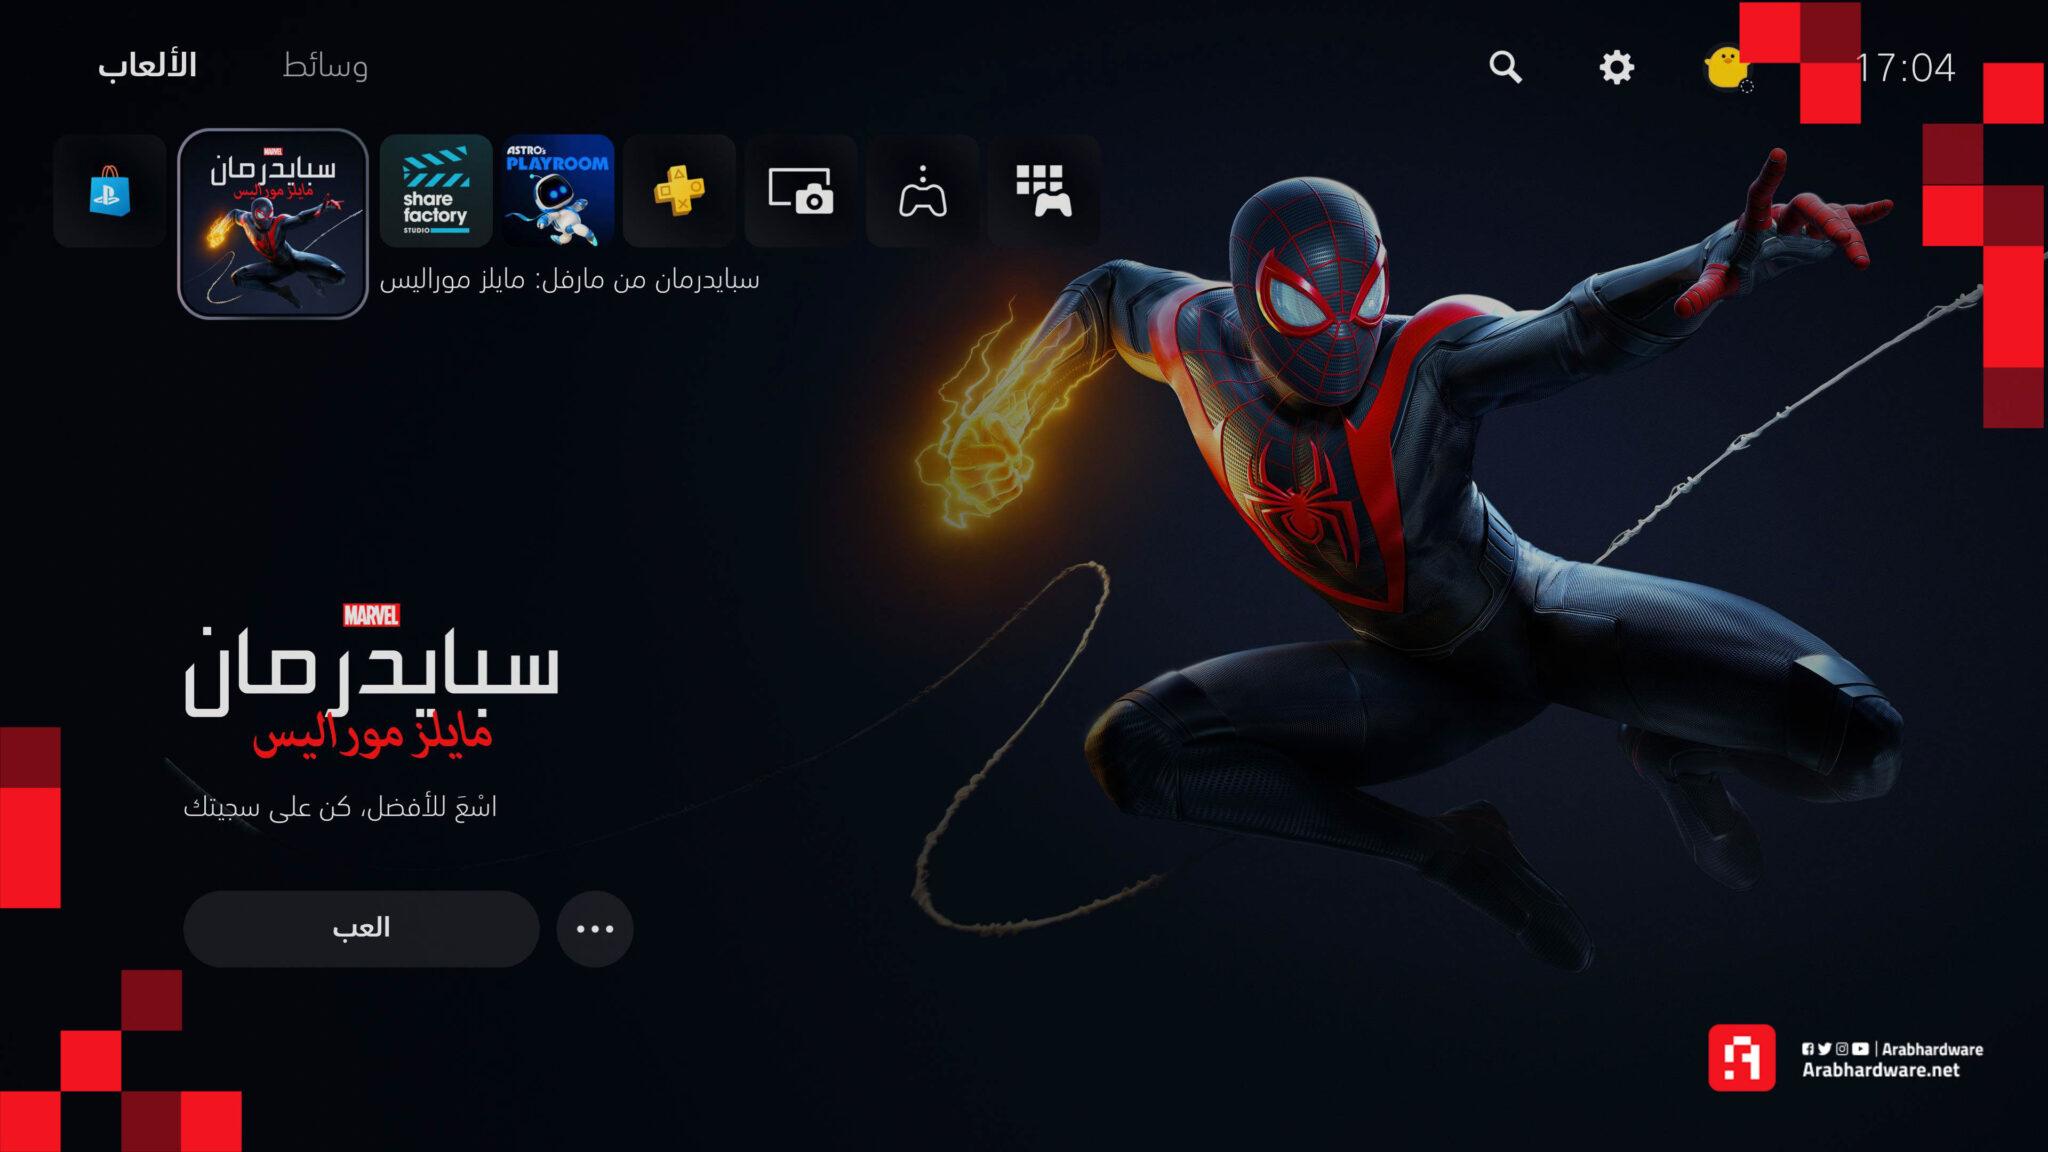 من الصفحة الرئيسية لـ PS5 ، اذهب للإعدادات أعلاه